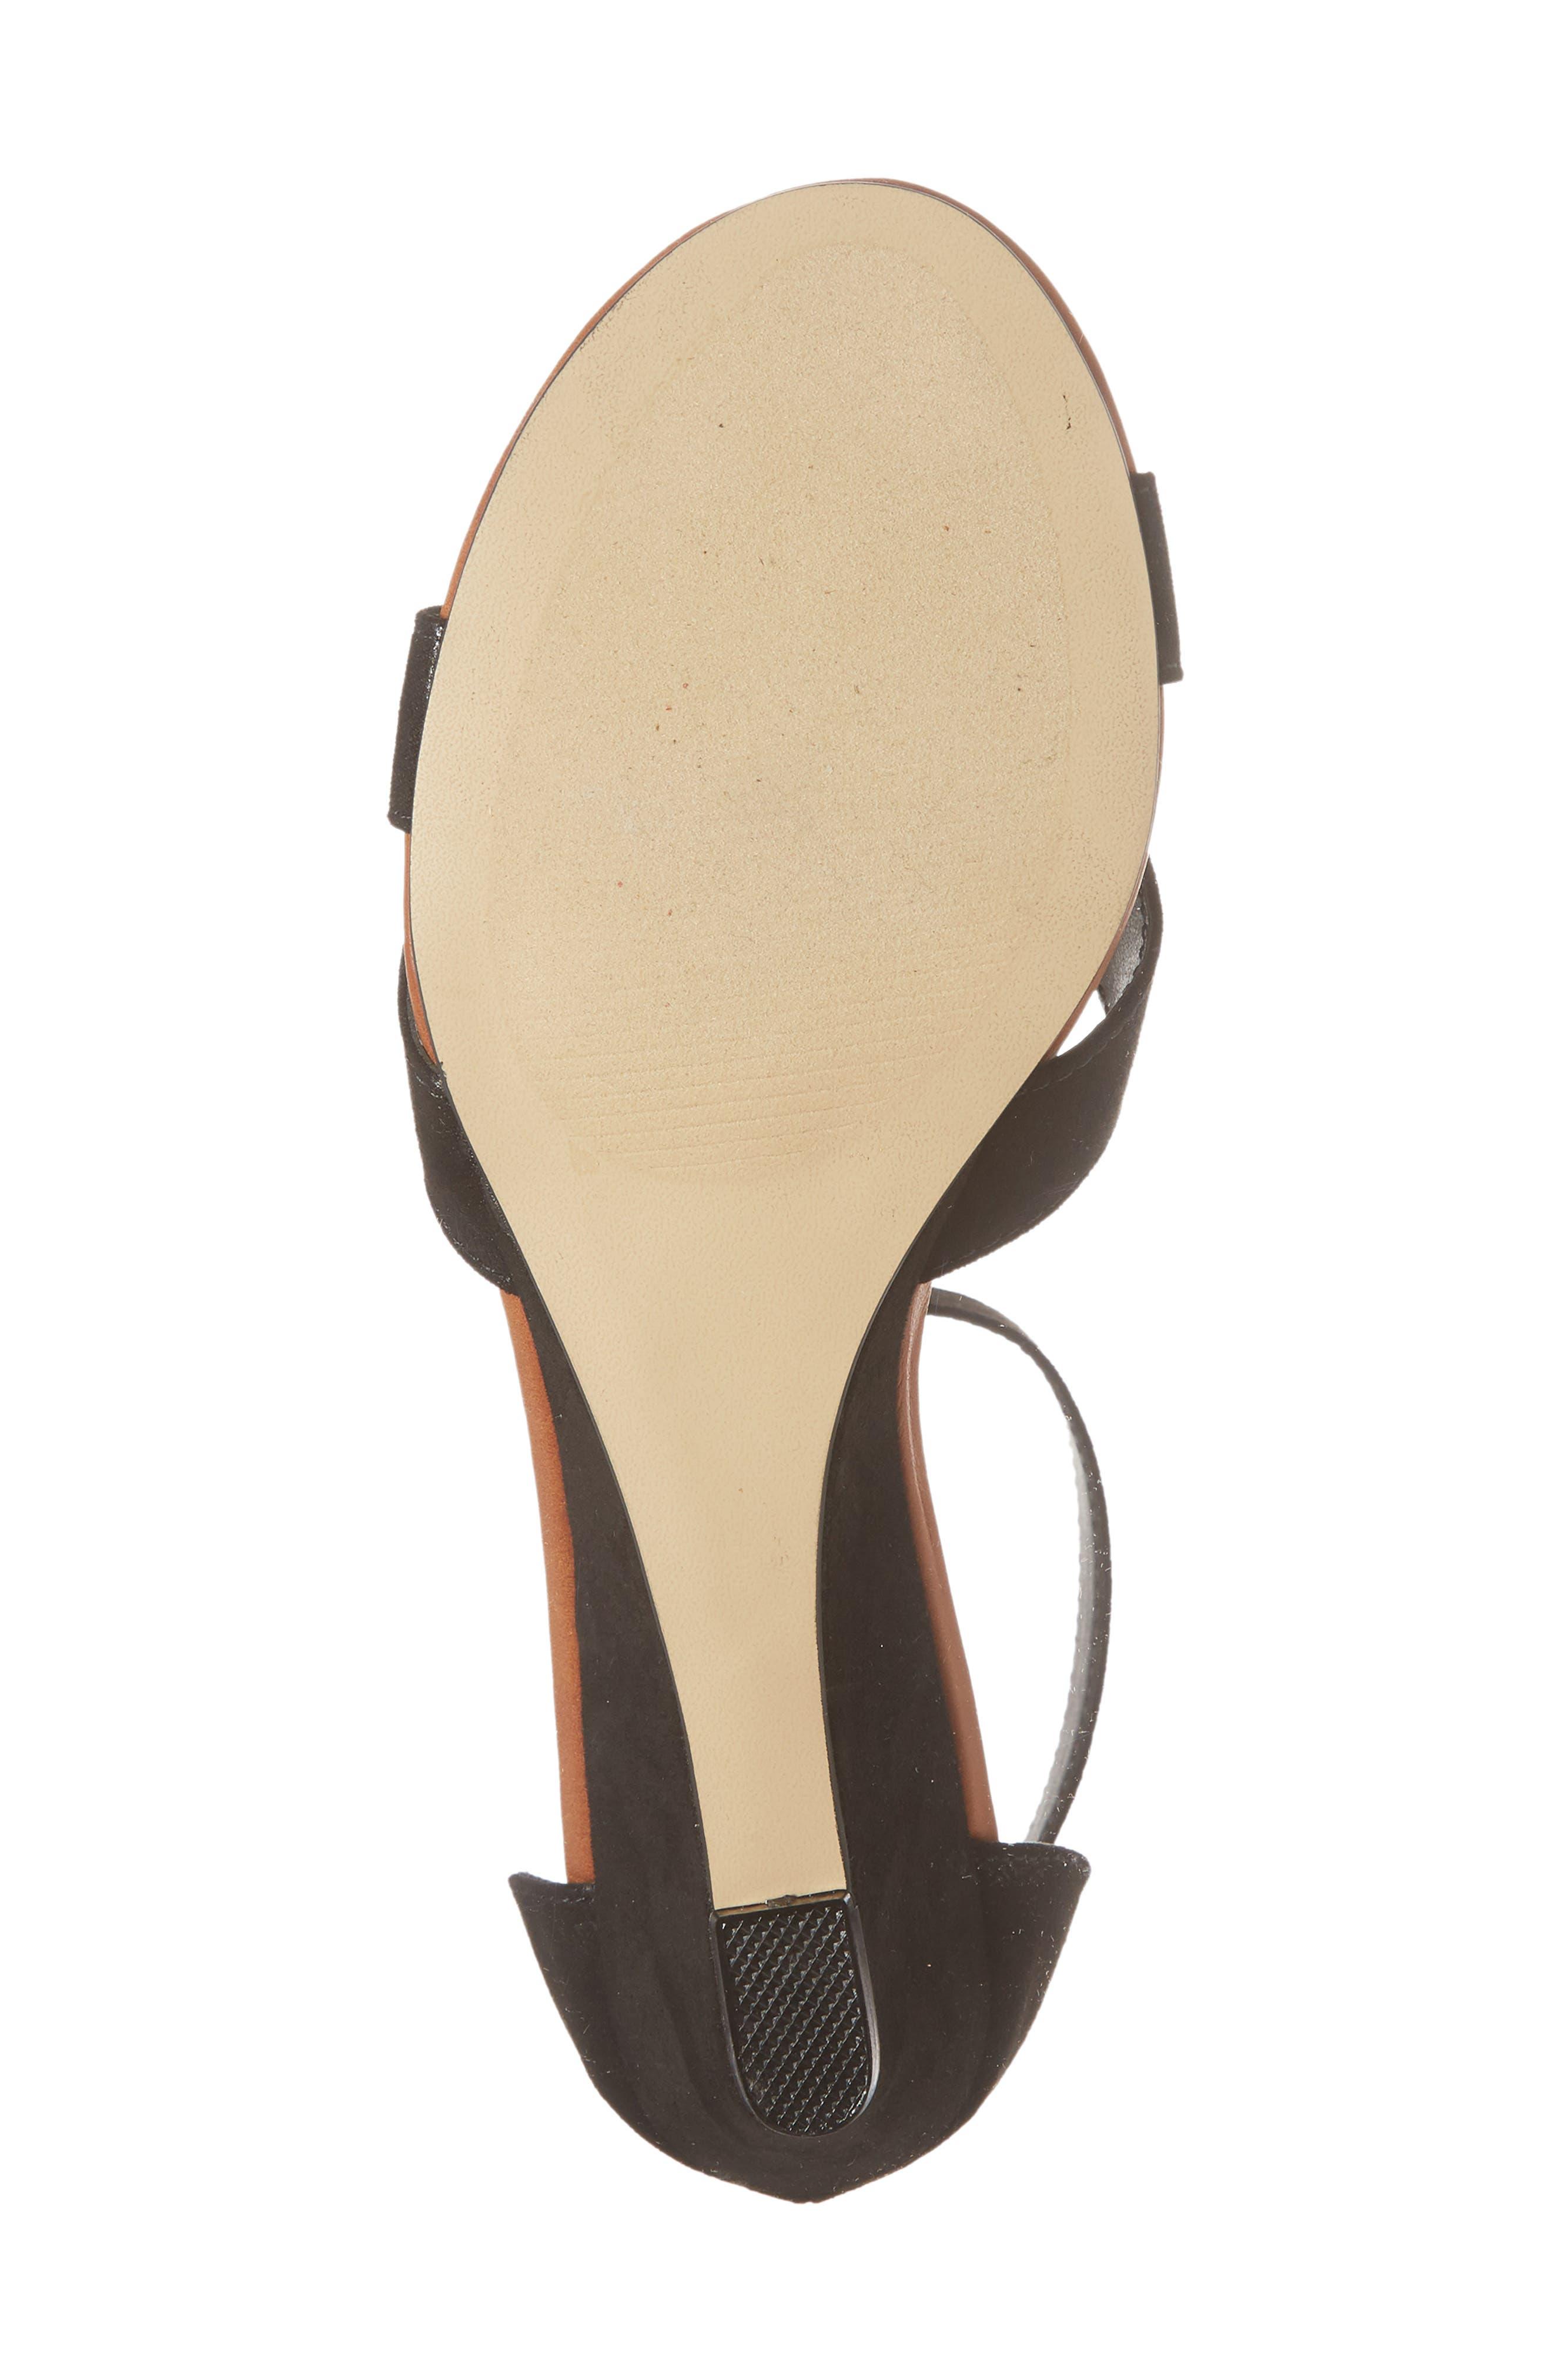 Strobe Wedge Sandal,                             Alternate thumbnail 6, color,                             003